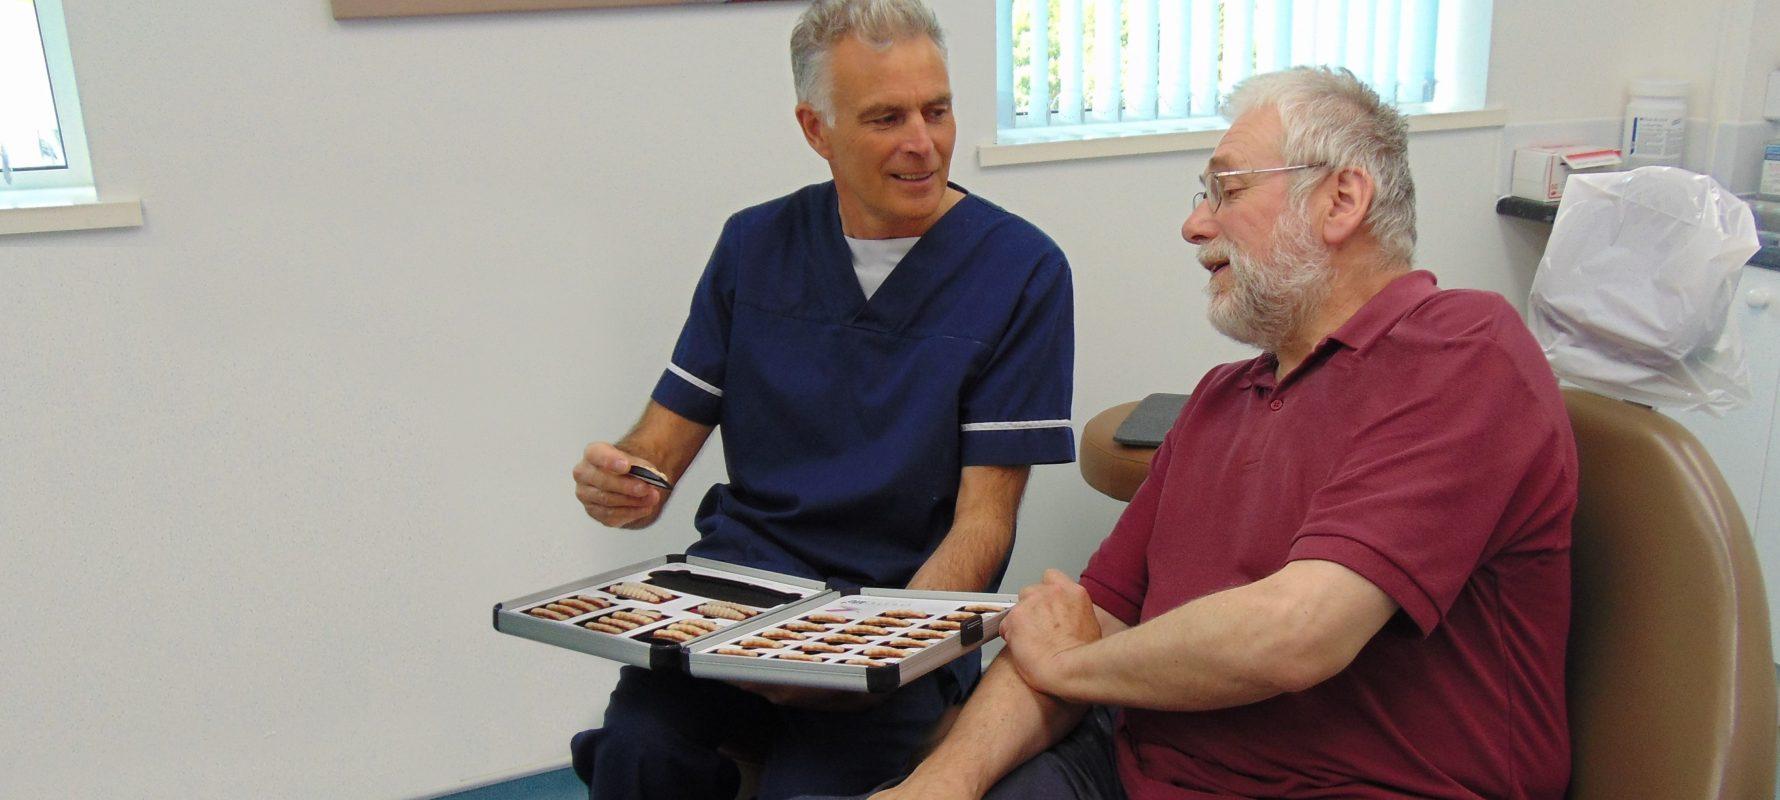 clinic duo shot (4)